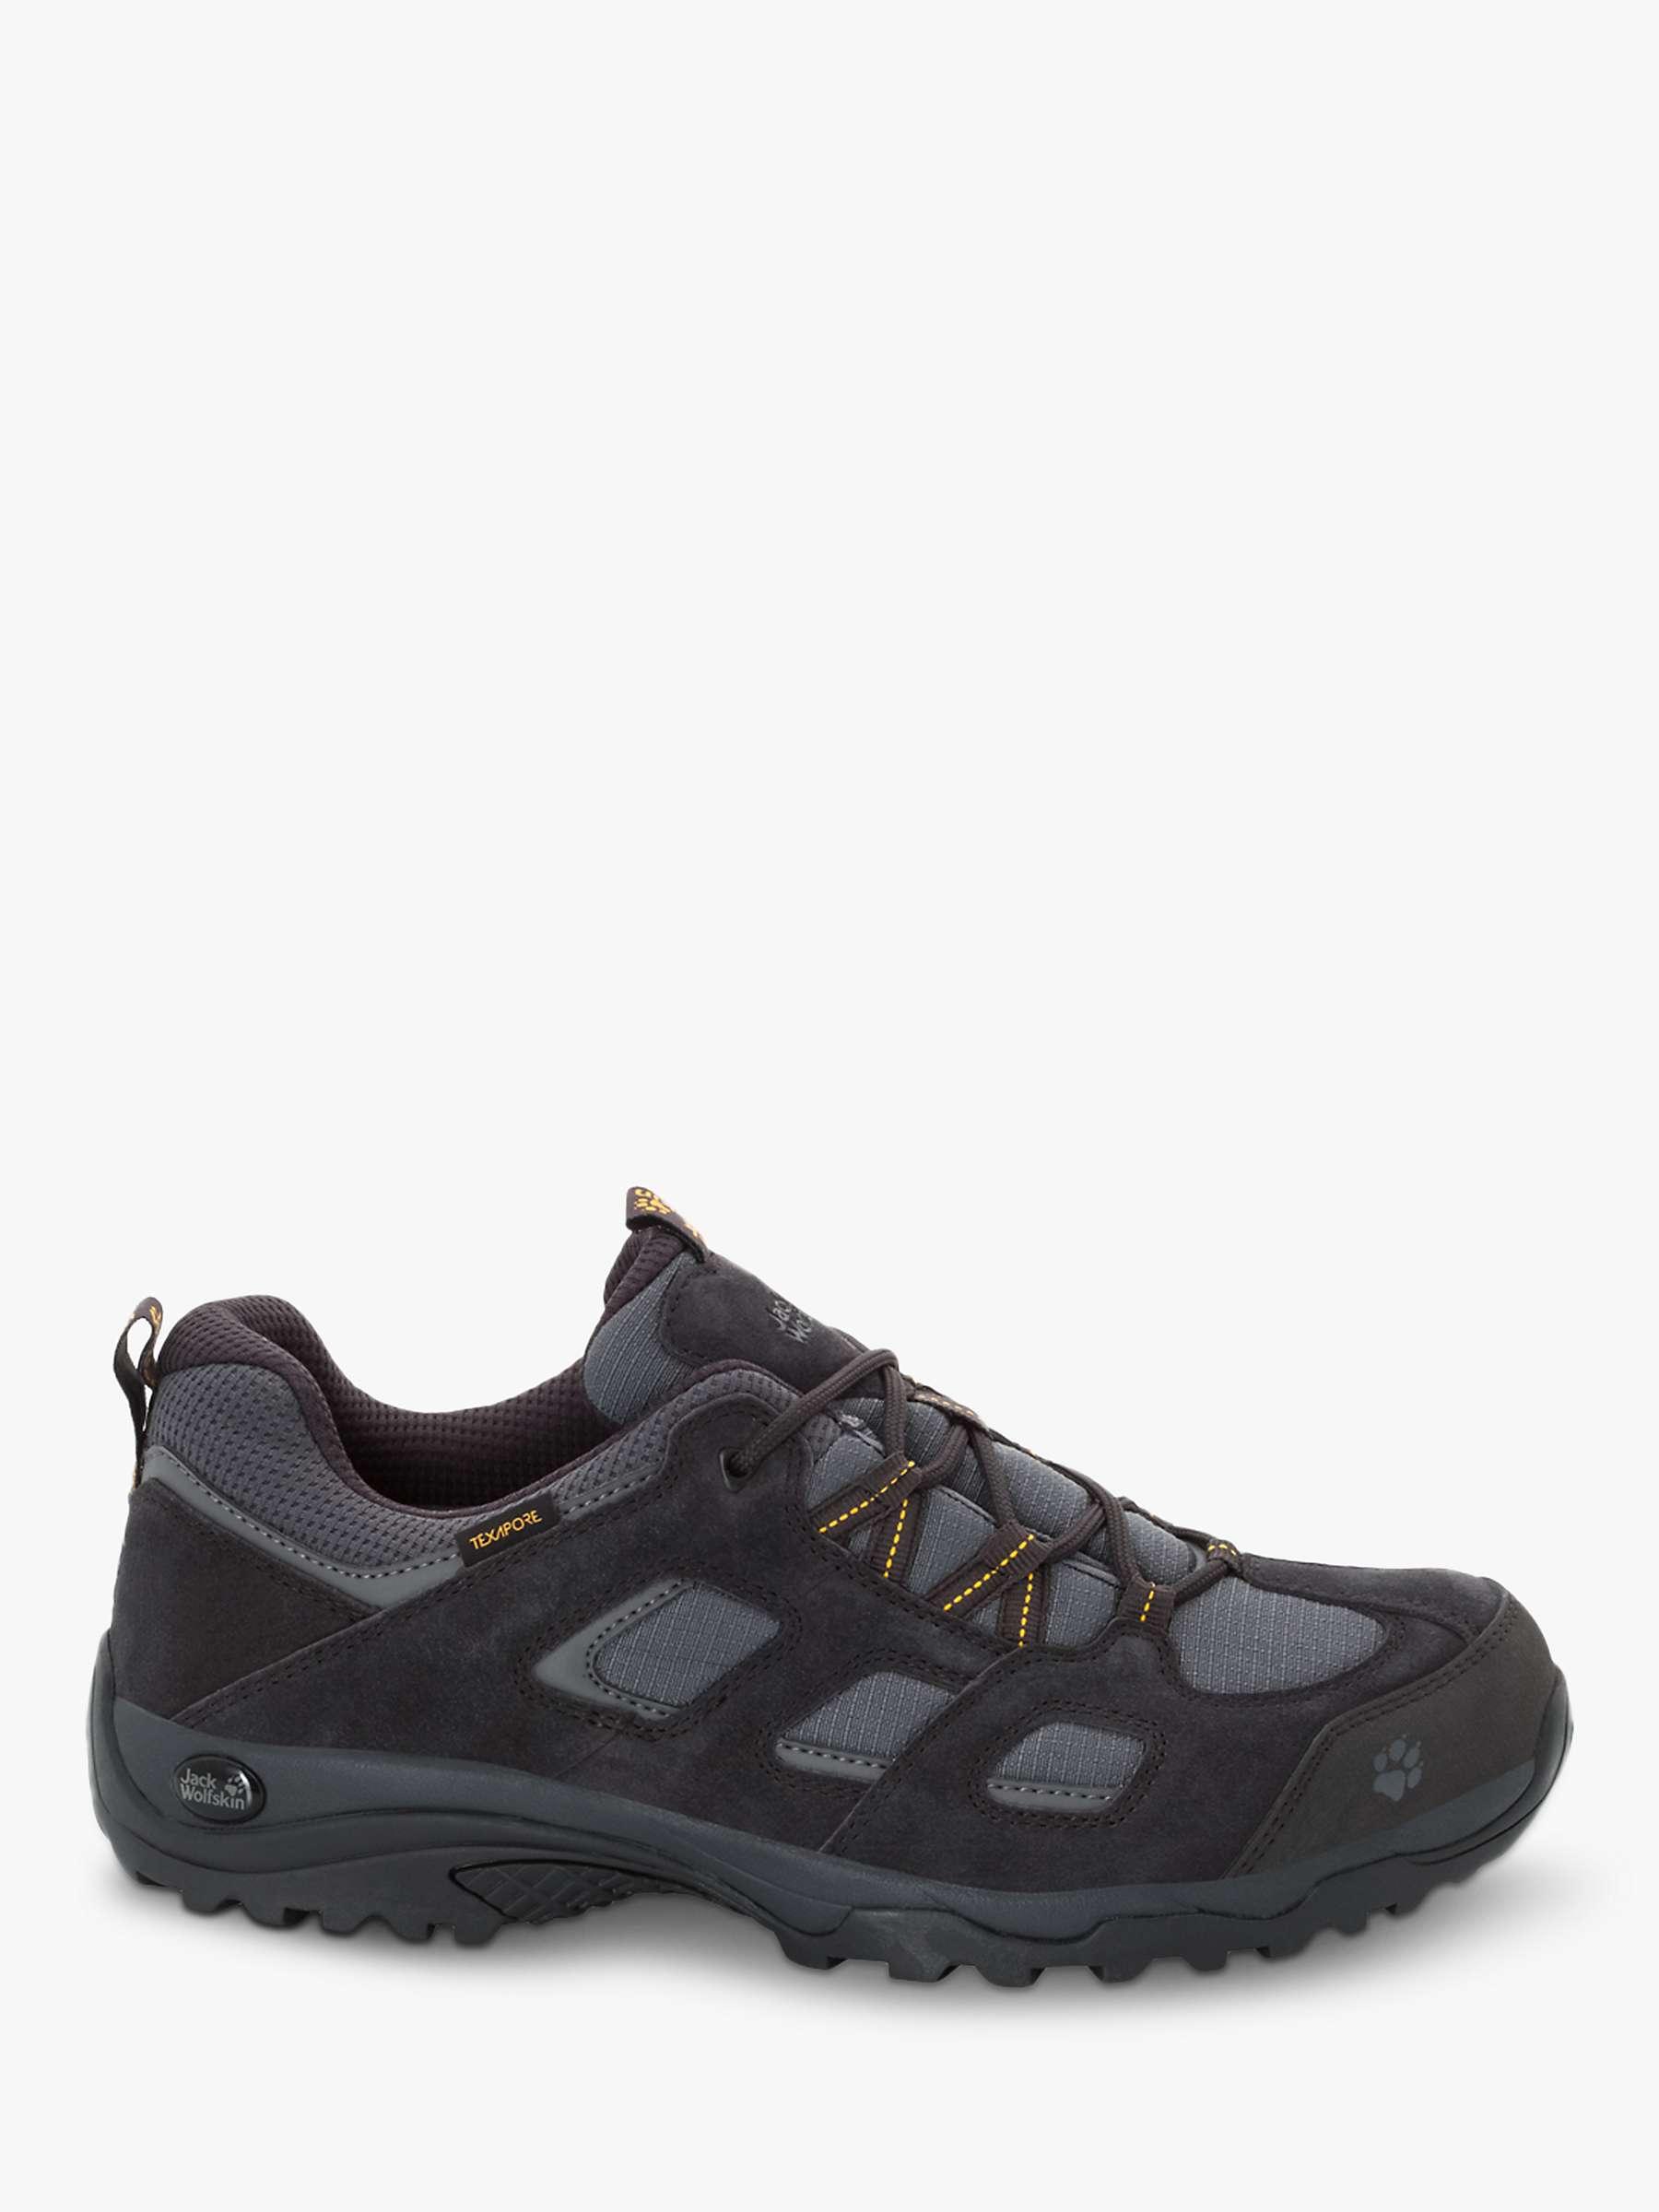 nowy przyjazd Data wydania dobra obsługa Jack Wolfskin Vojo Hike 2 Texapore Men's Walking Shoes, Phantom